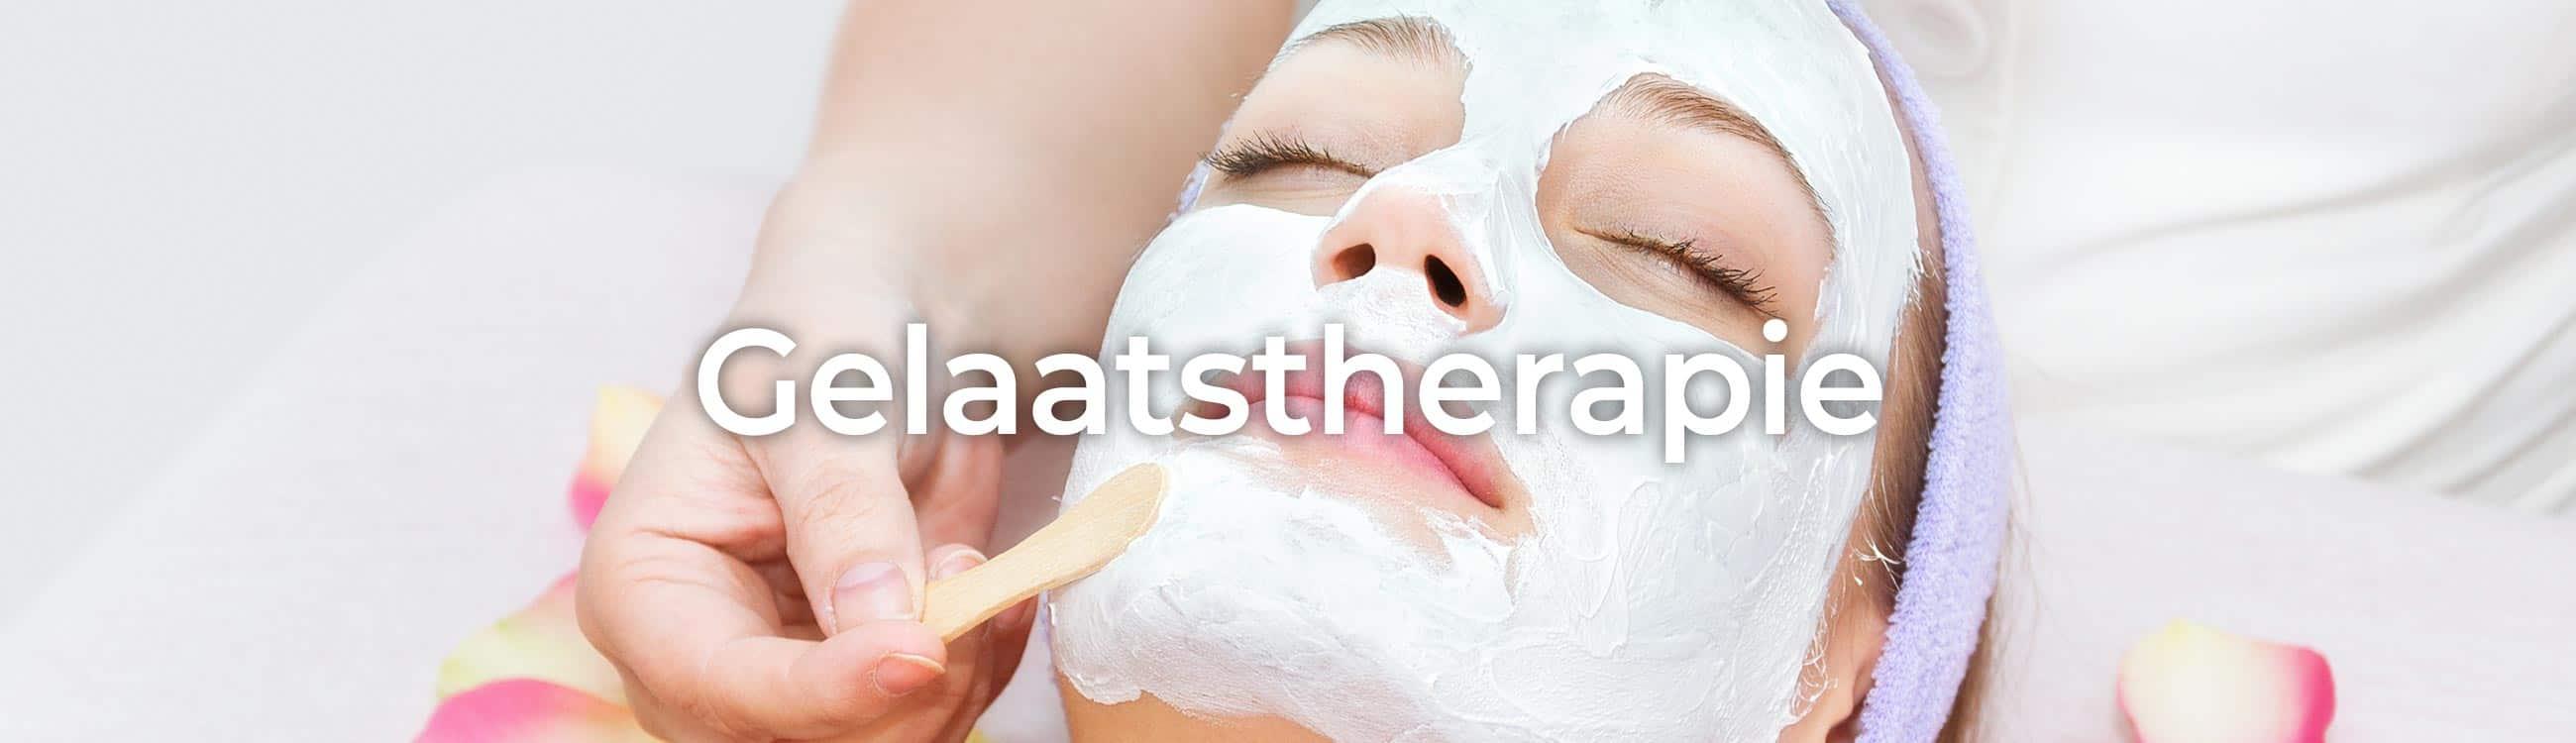 Gelaatstherapie